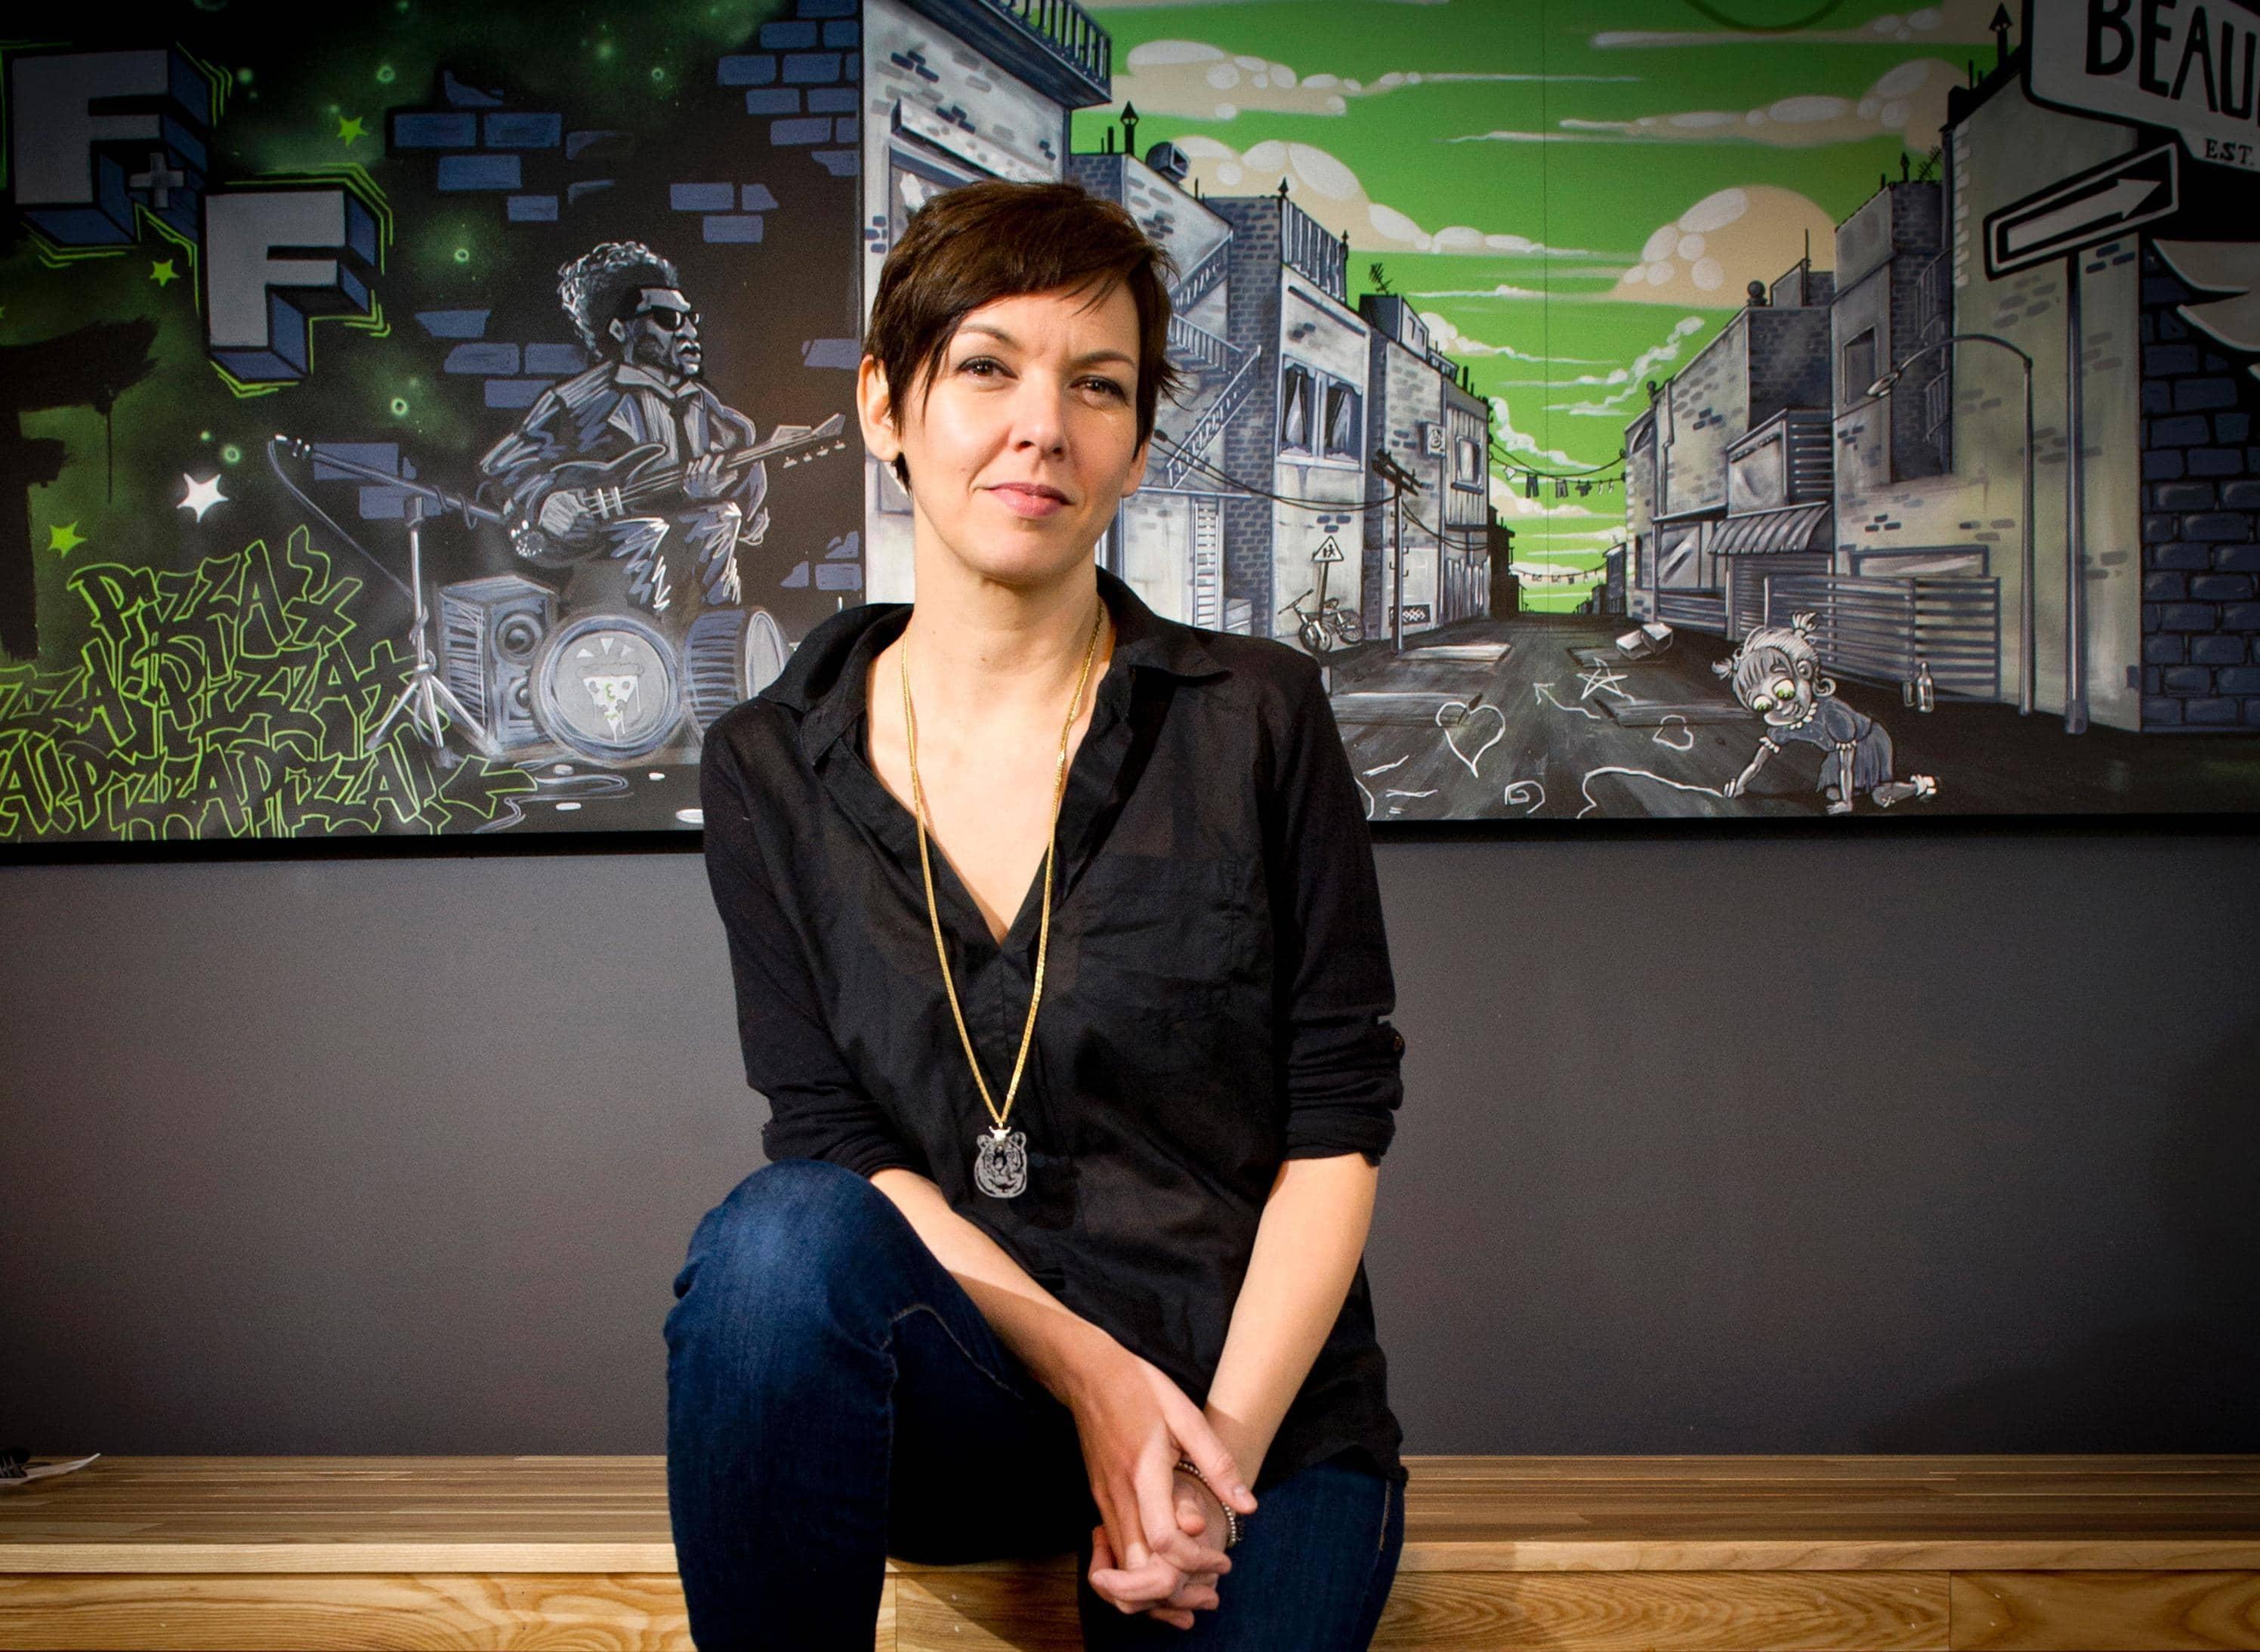 Watch Julie Menard video